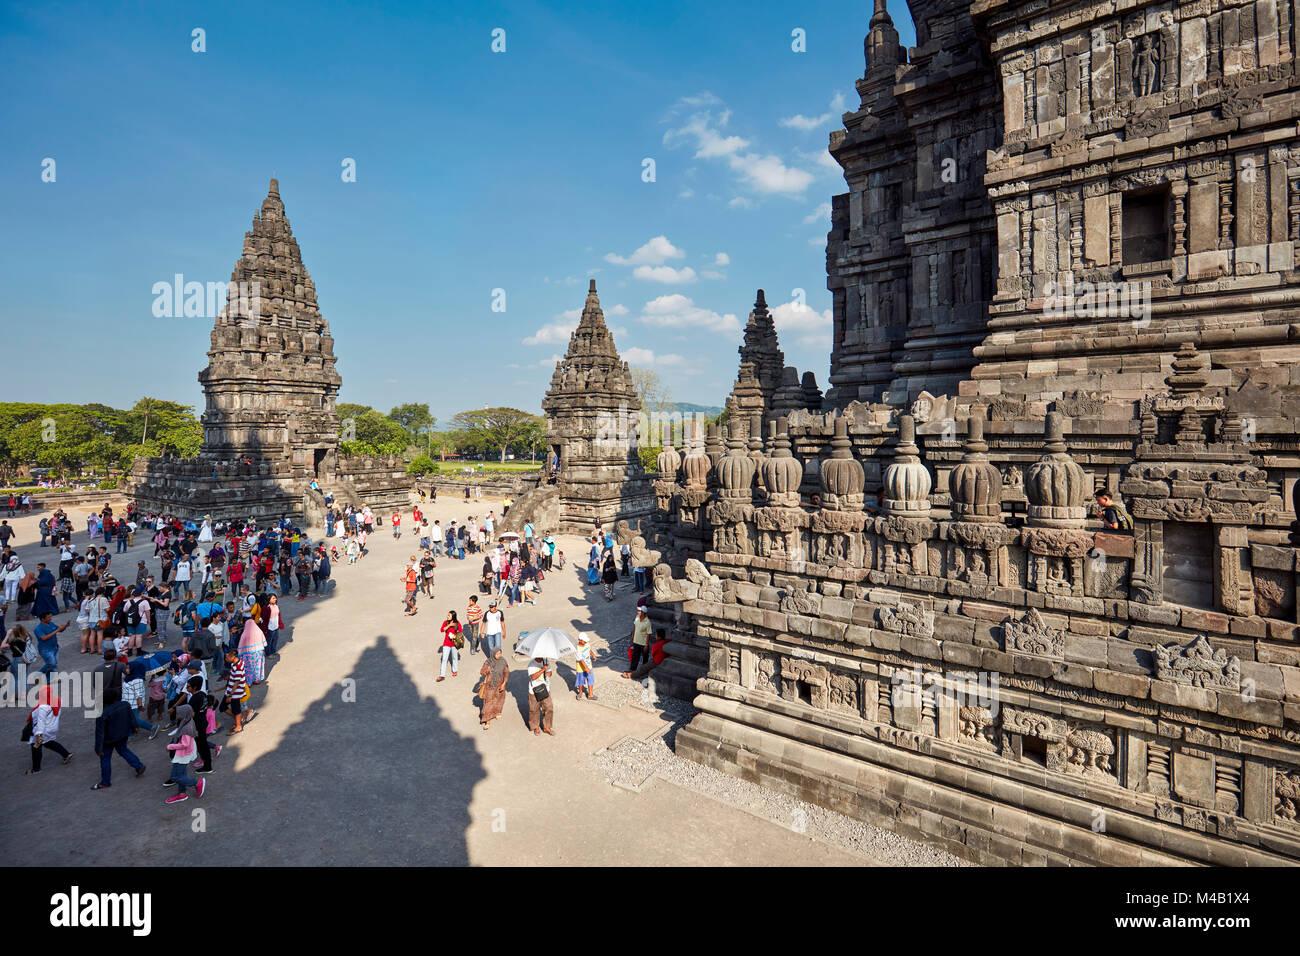 I turisti a Prambanan tempio indù composto. La regione speciale di Yogyakarta, Java, Indonesia. Immagini Stock